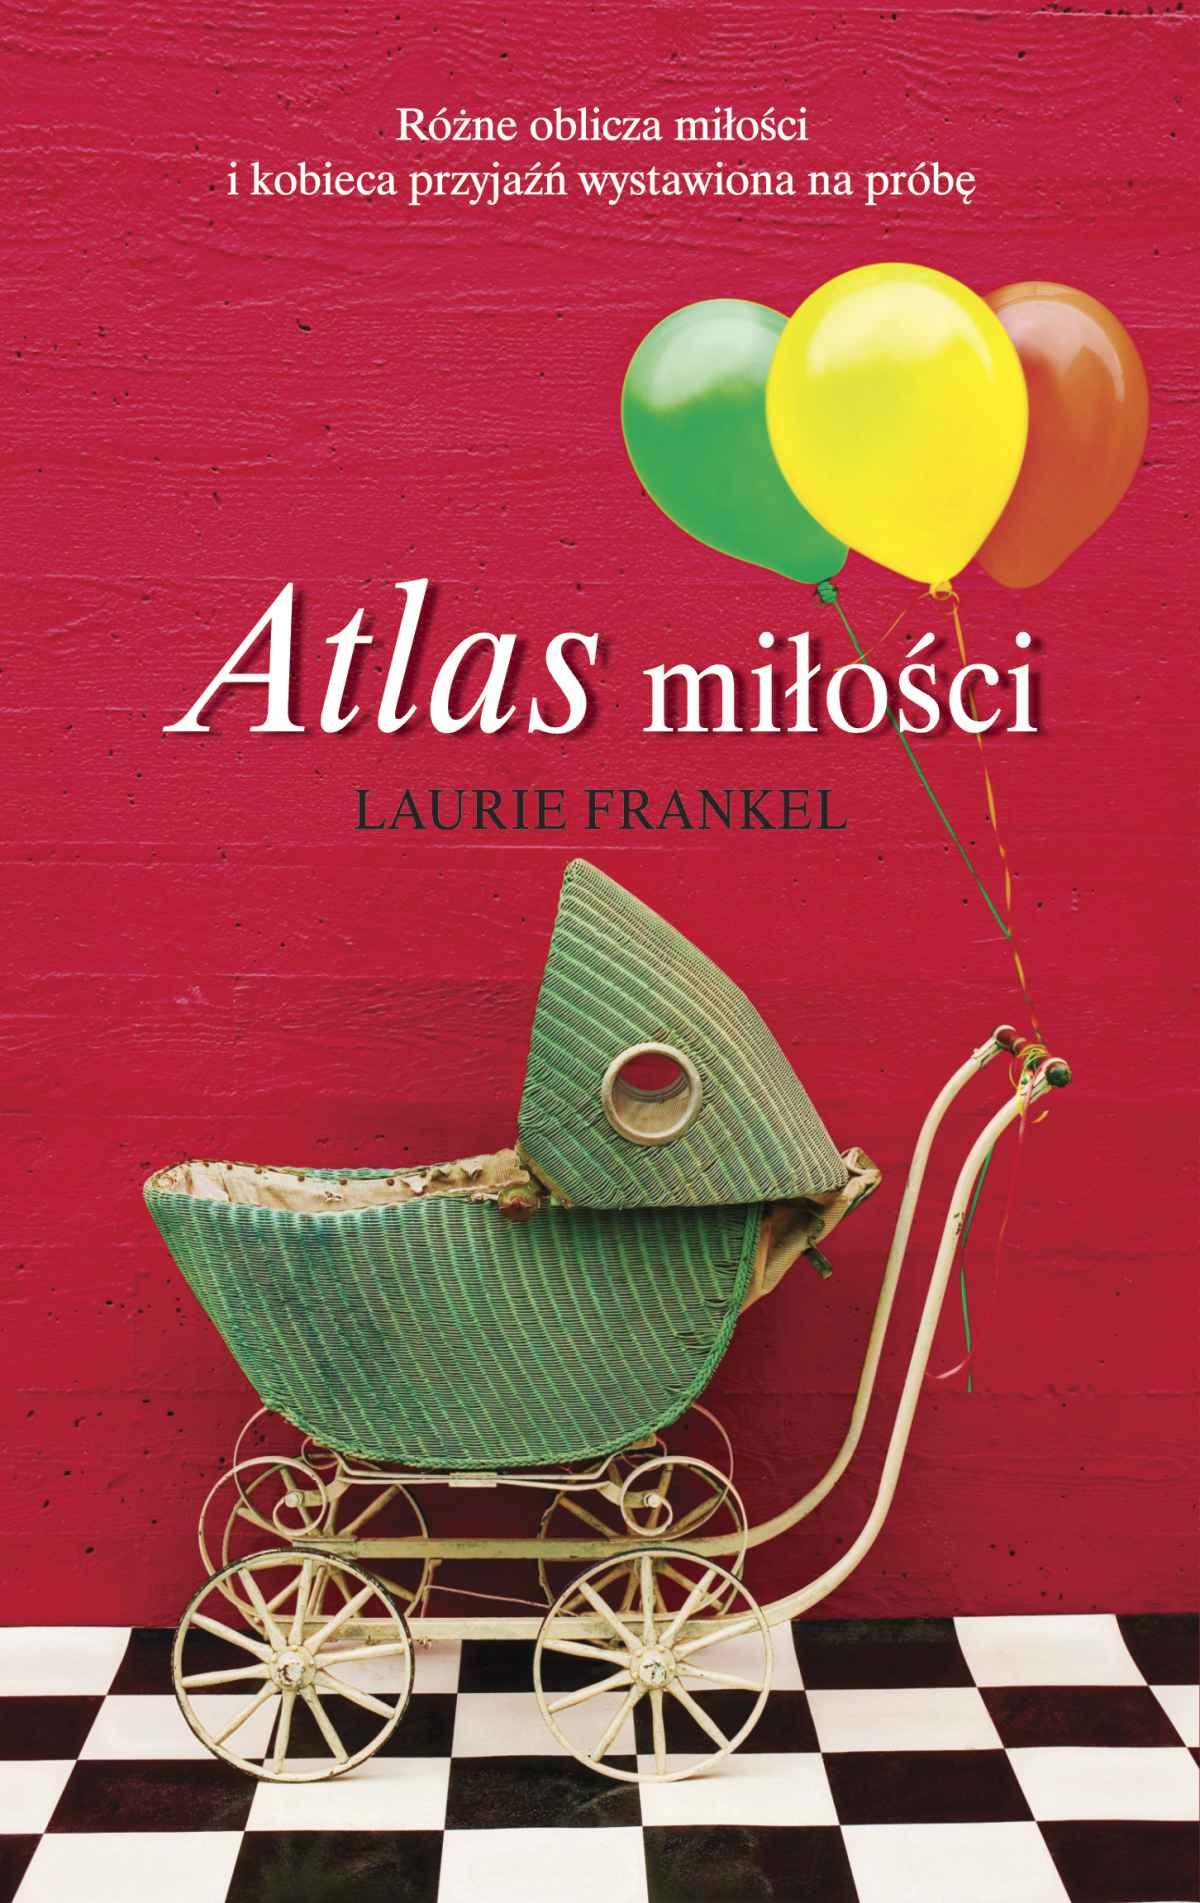 Atlas miłości - Ebook (Książka EPUB) do pobrania w formacie EPUB